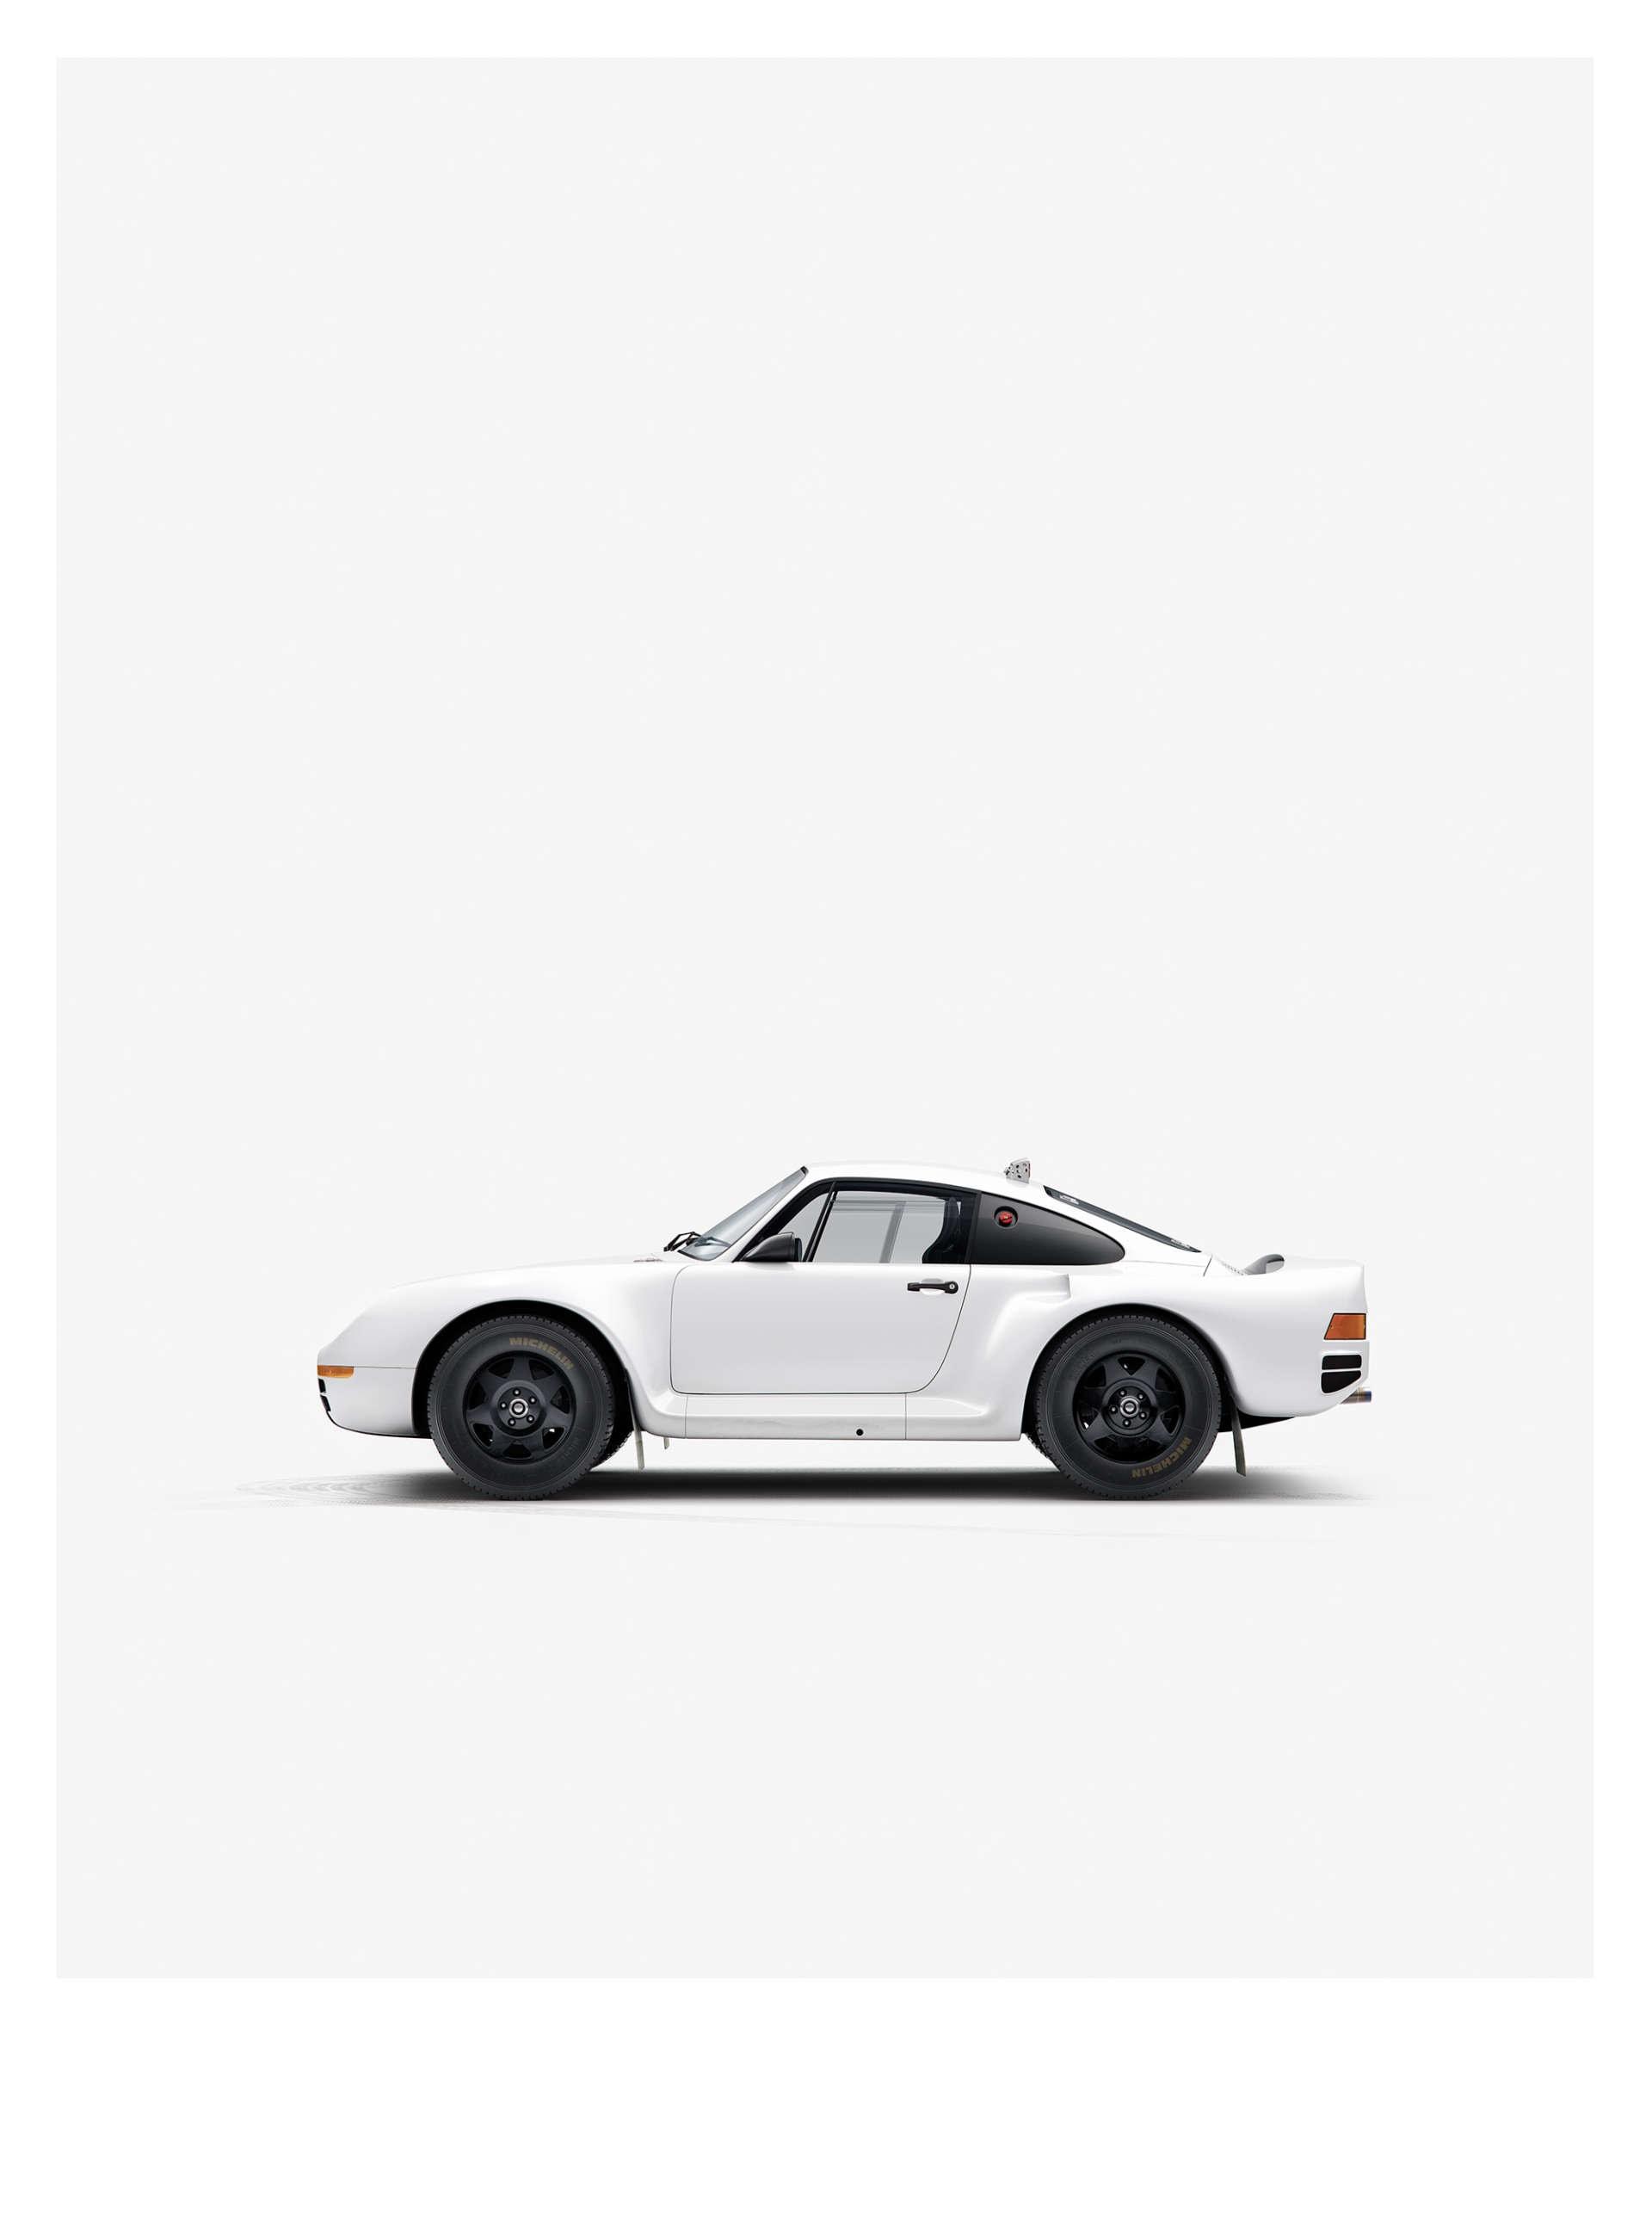 Porsche 959, минималистичный принт от We Are Ink